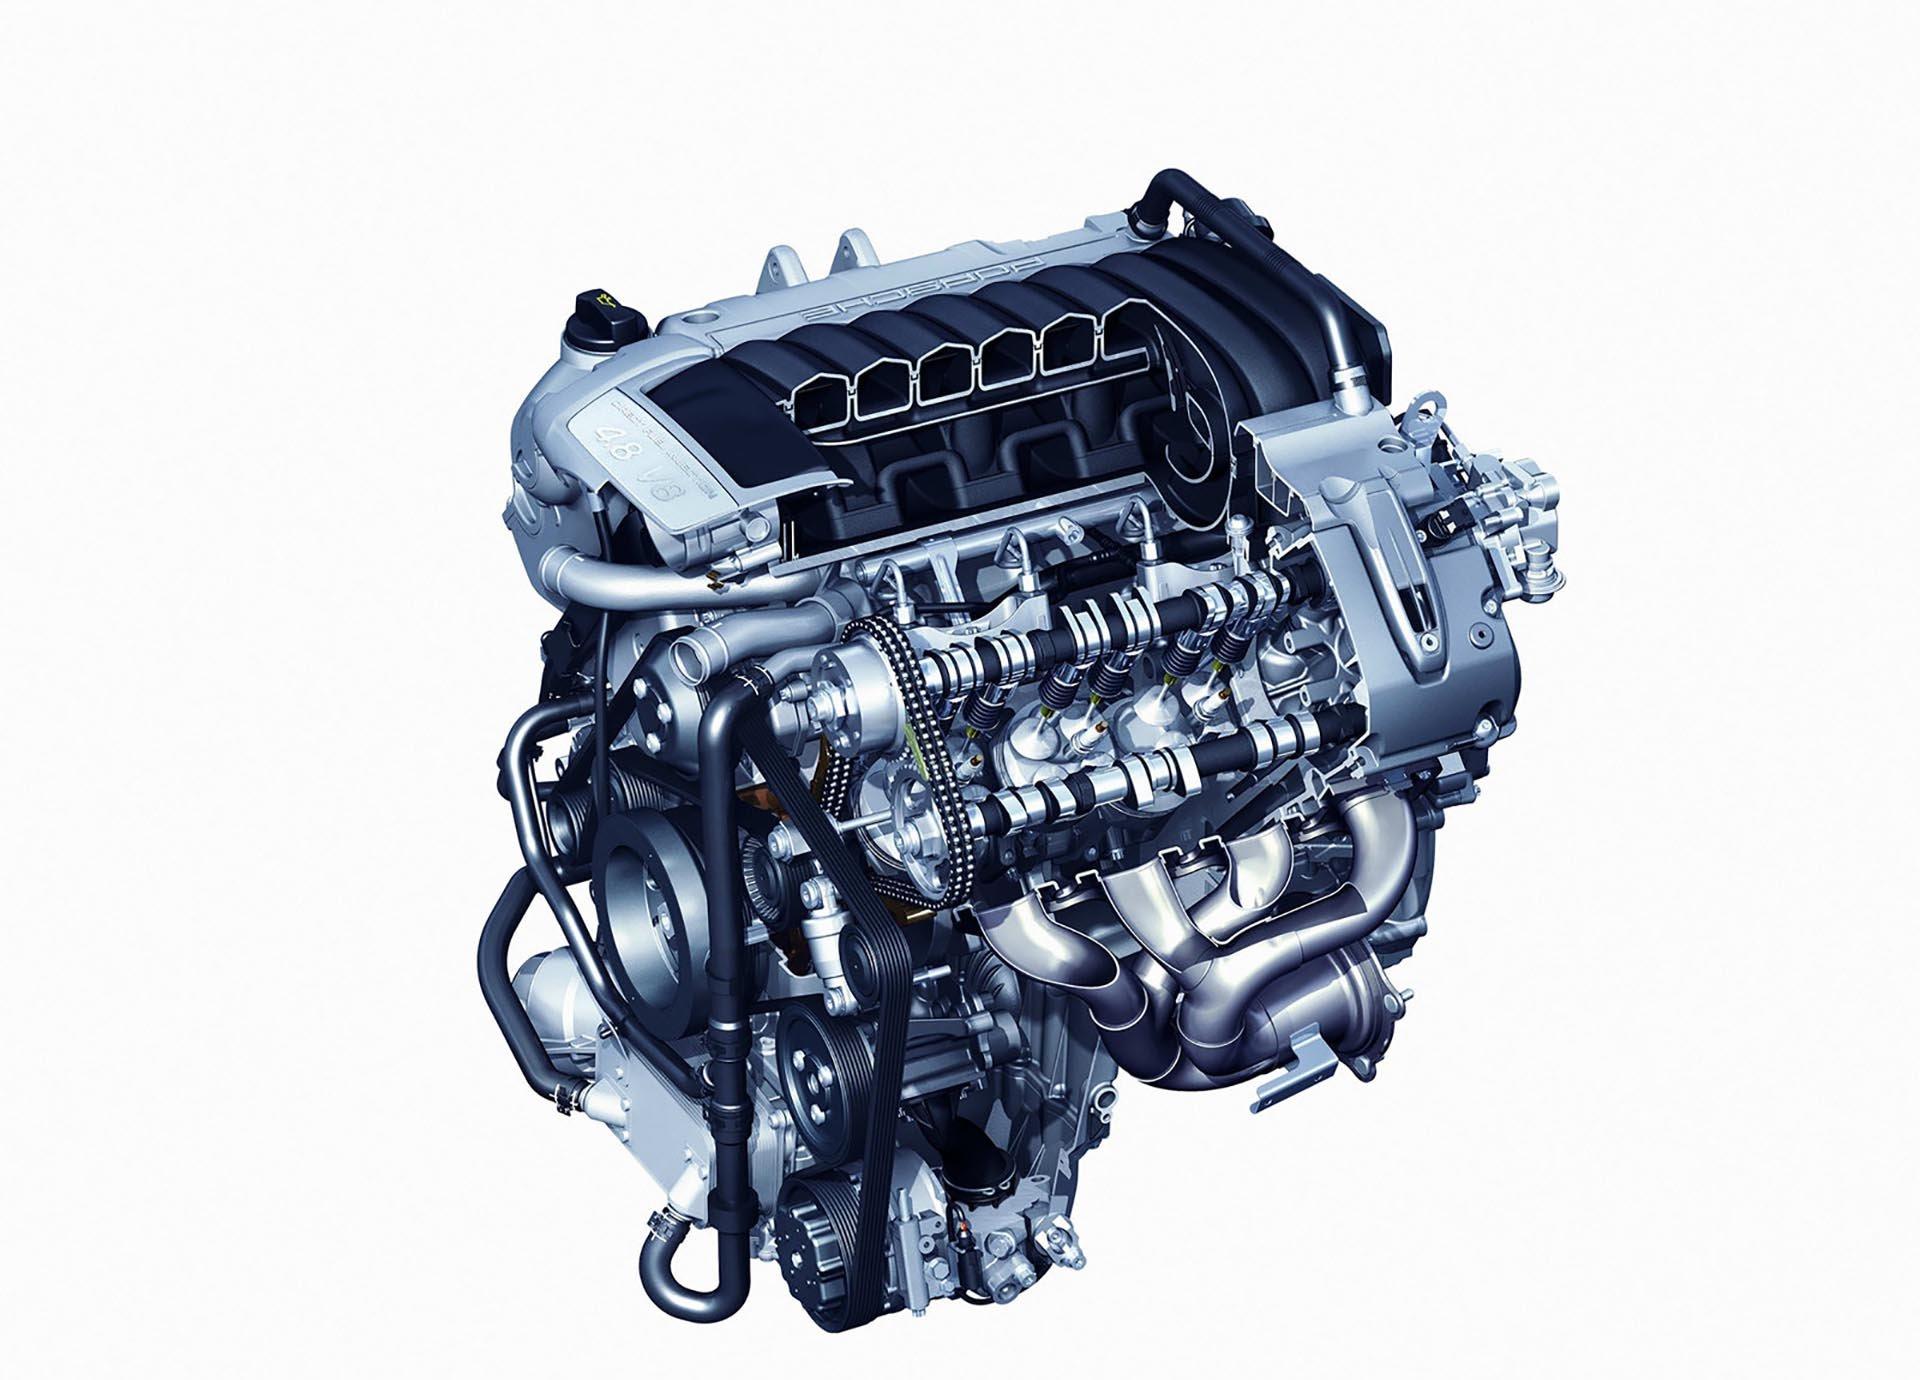 957 Porsche Cayenne 4.8 V8 Engine Diagram